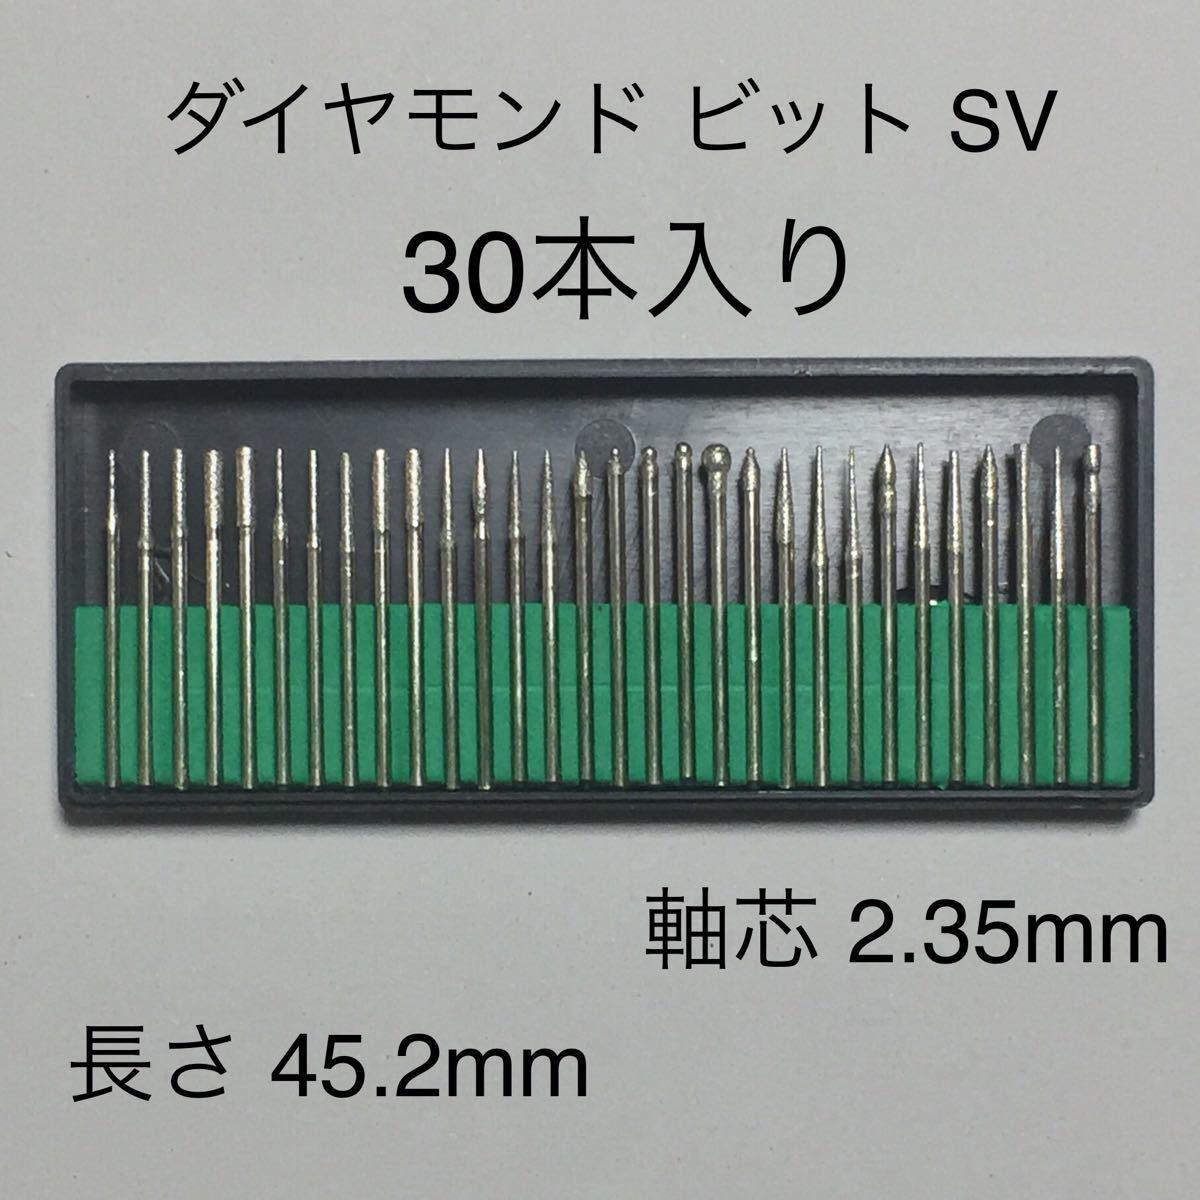 おまけ付き  SV 2.35mm軸 ダイヤモンドビット30個入り